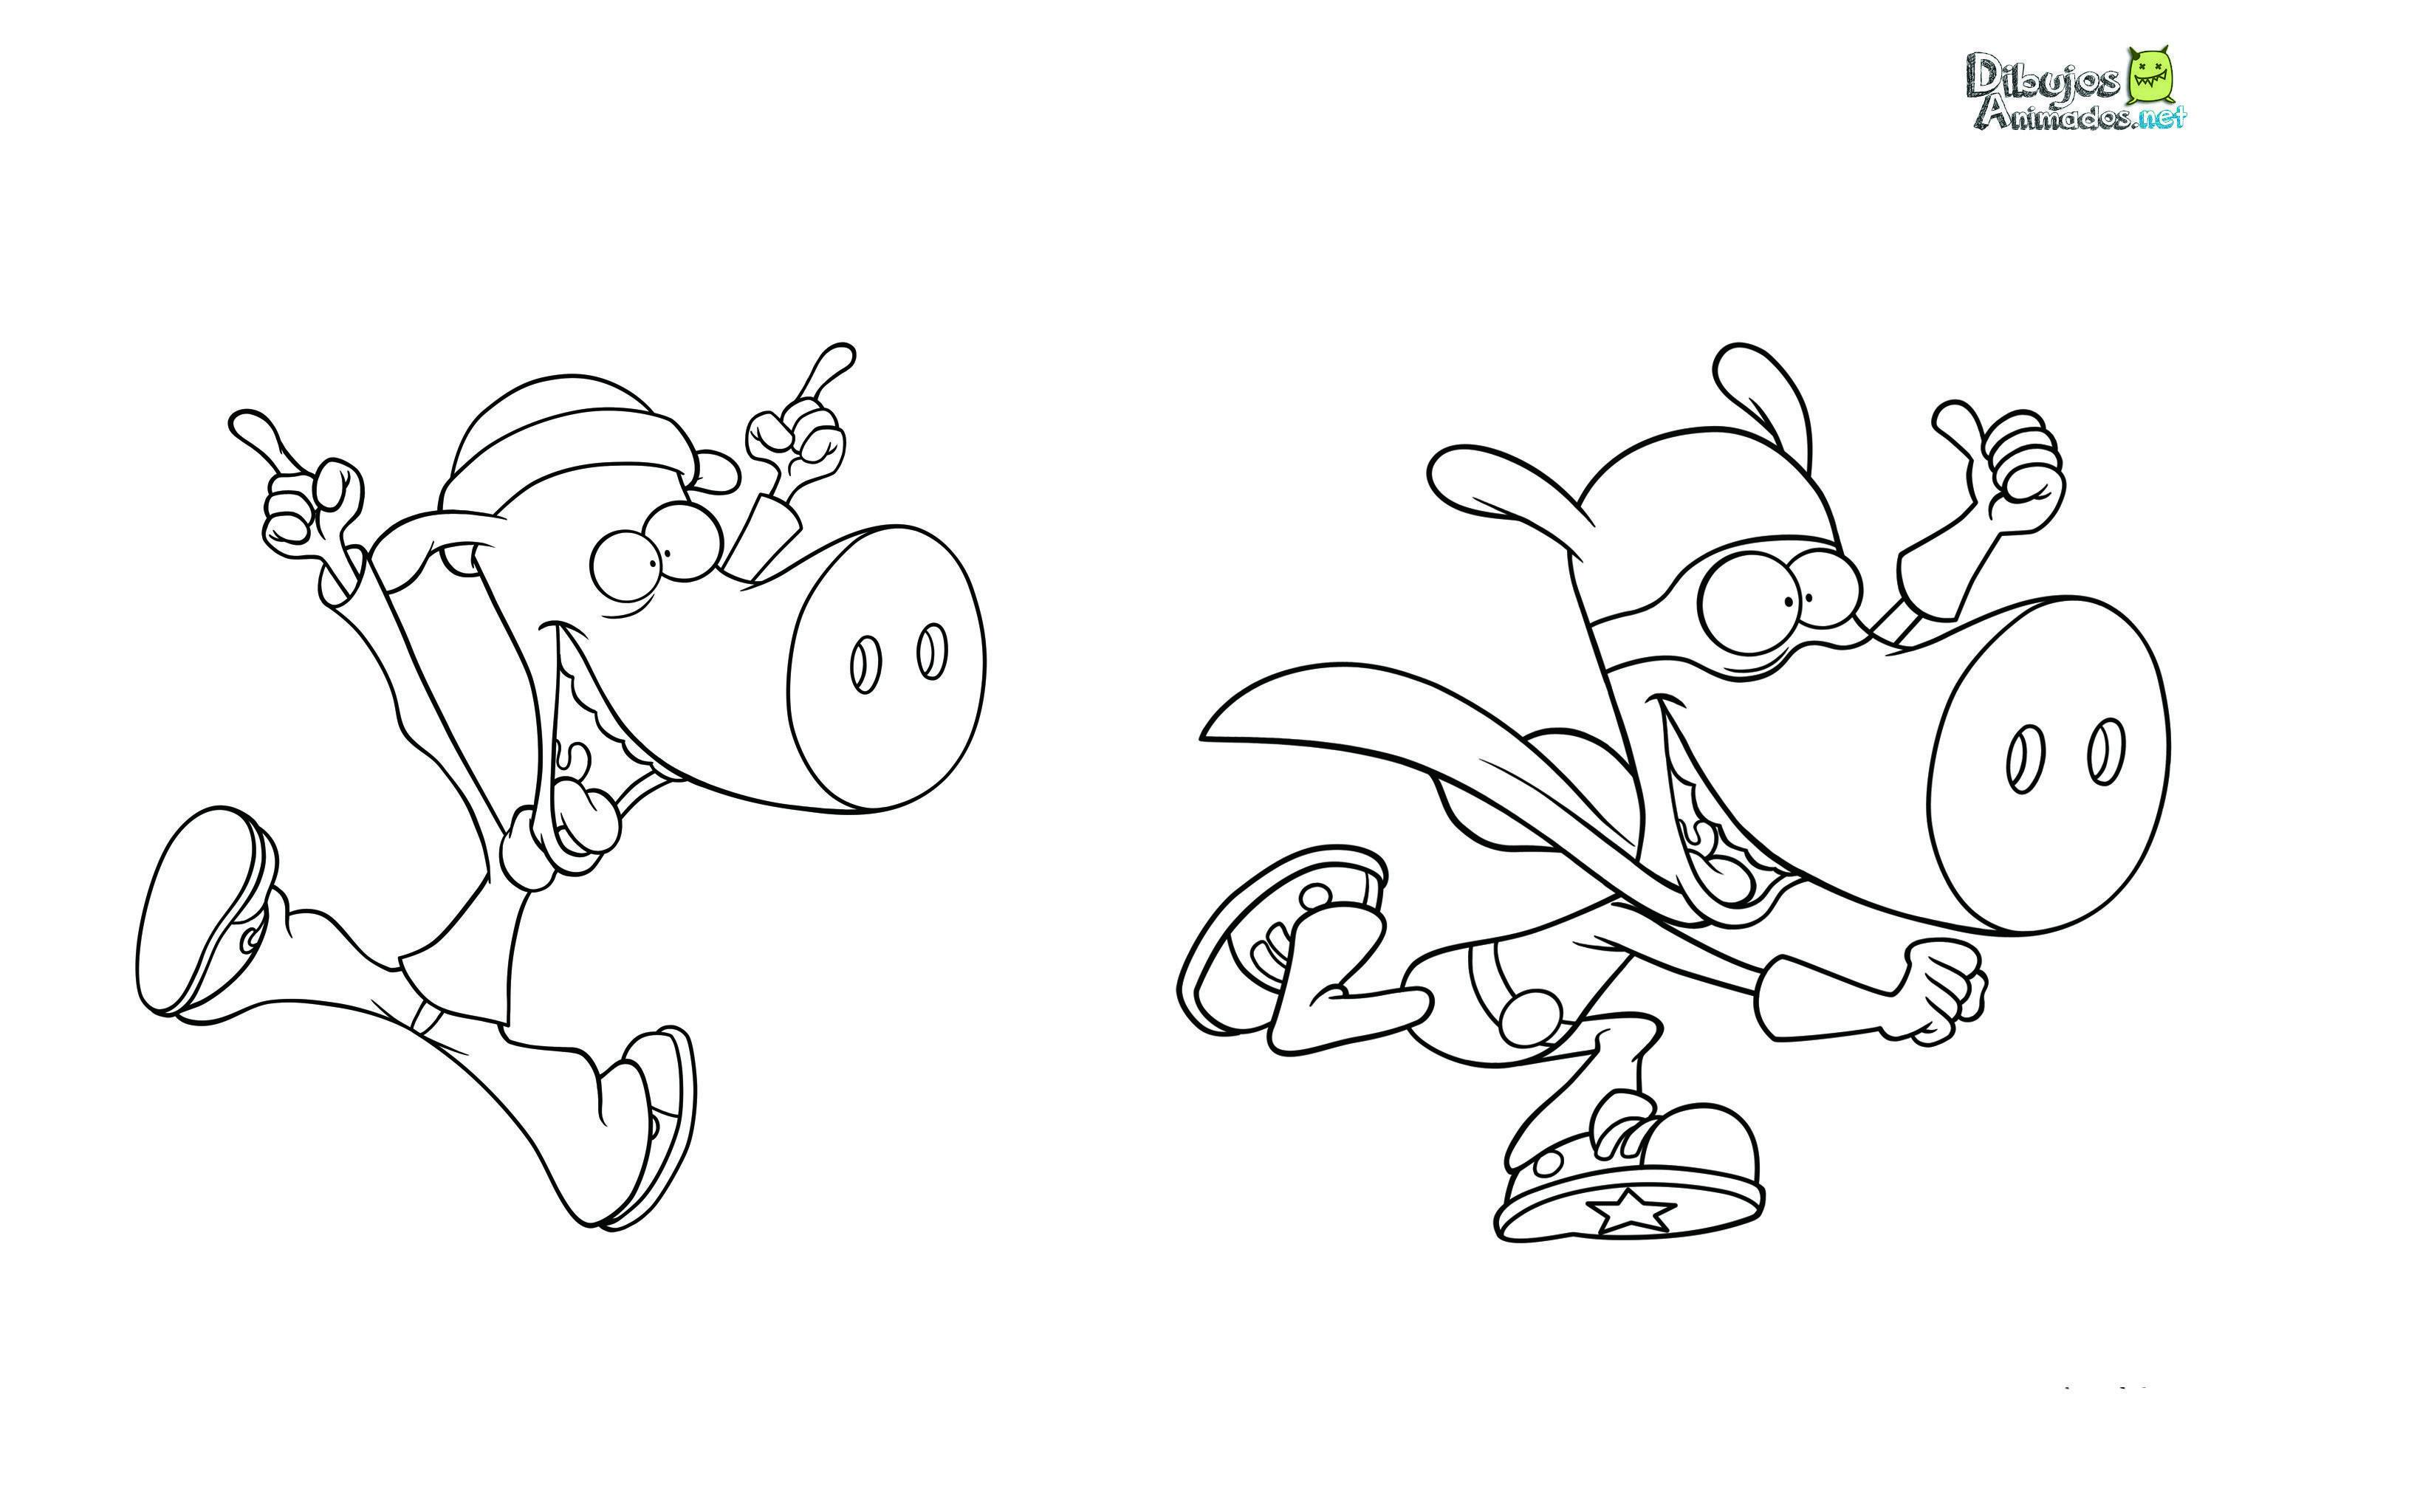 Plantillas para colorear de Los Superminiheroes - Dibujos Animados